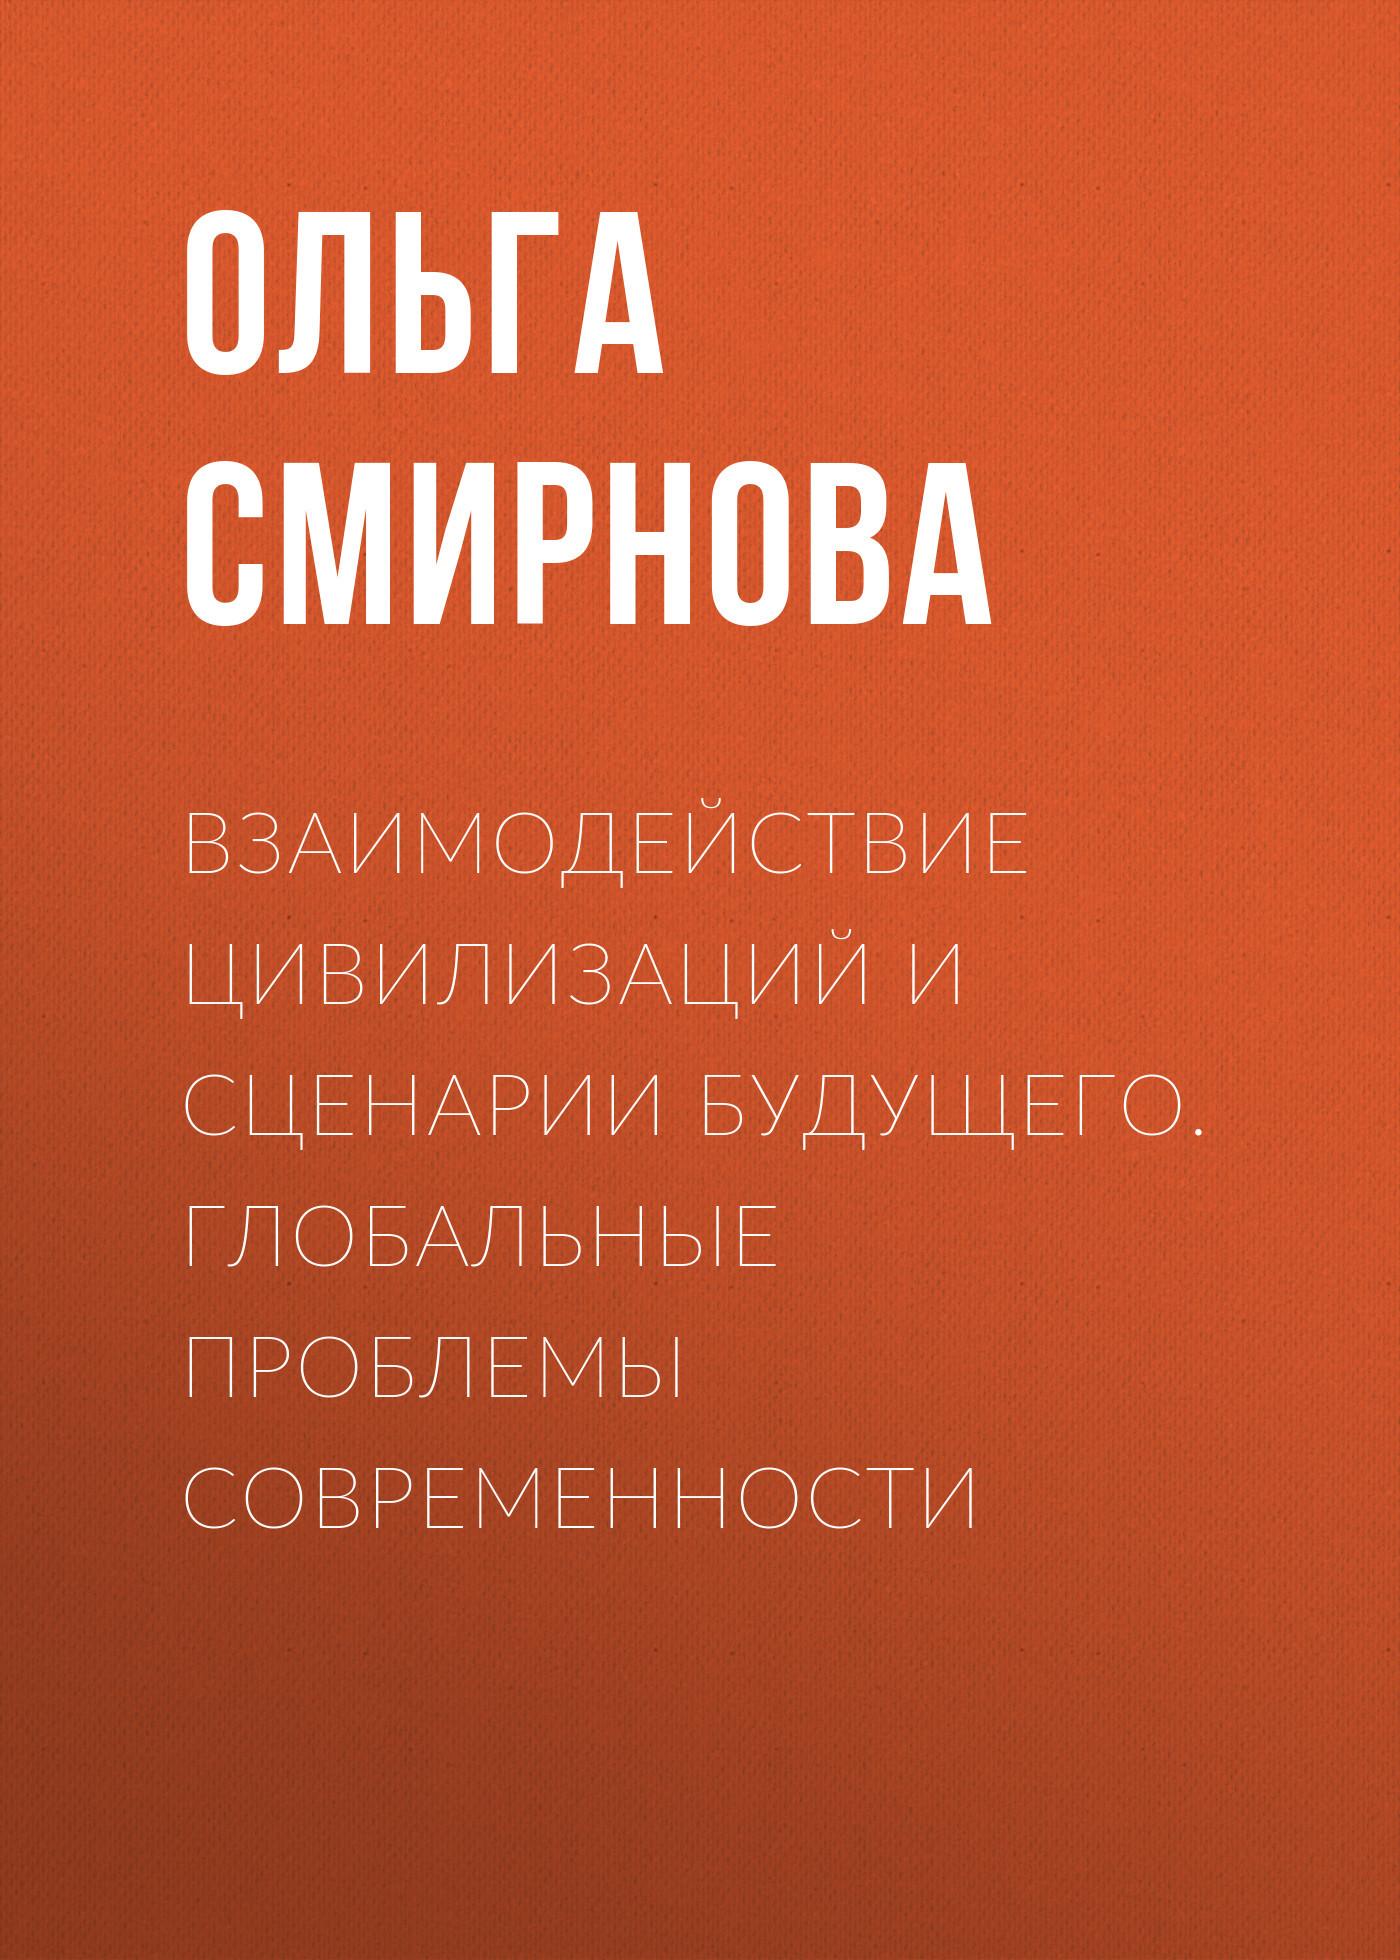 Ольга Смирнова Взаимодействие цивилизаций и сценарии будущего. Глобальные проблемы современности